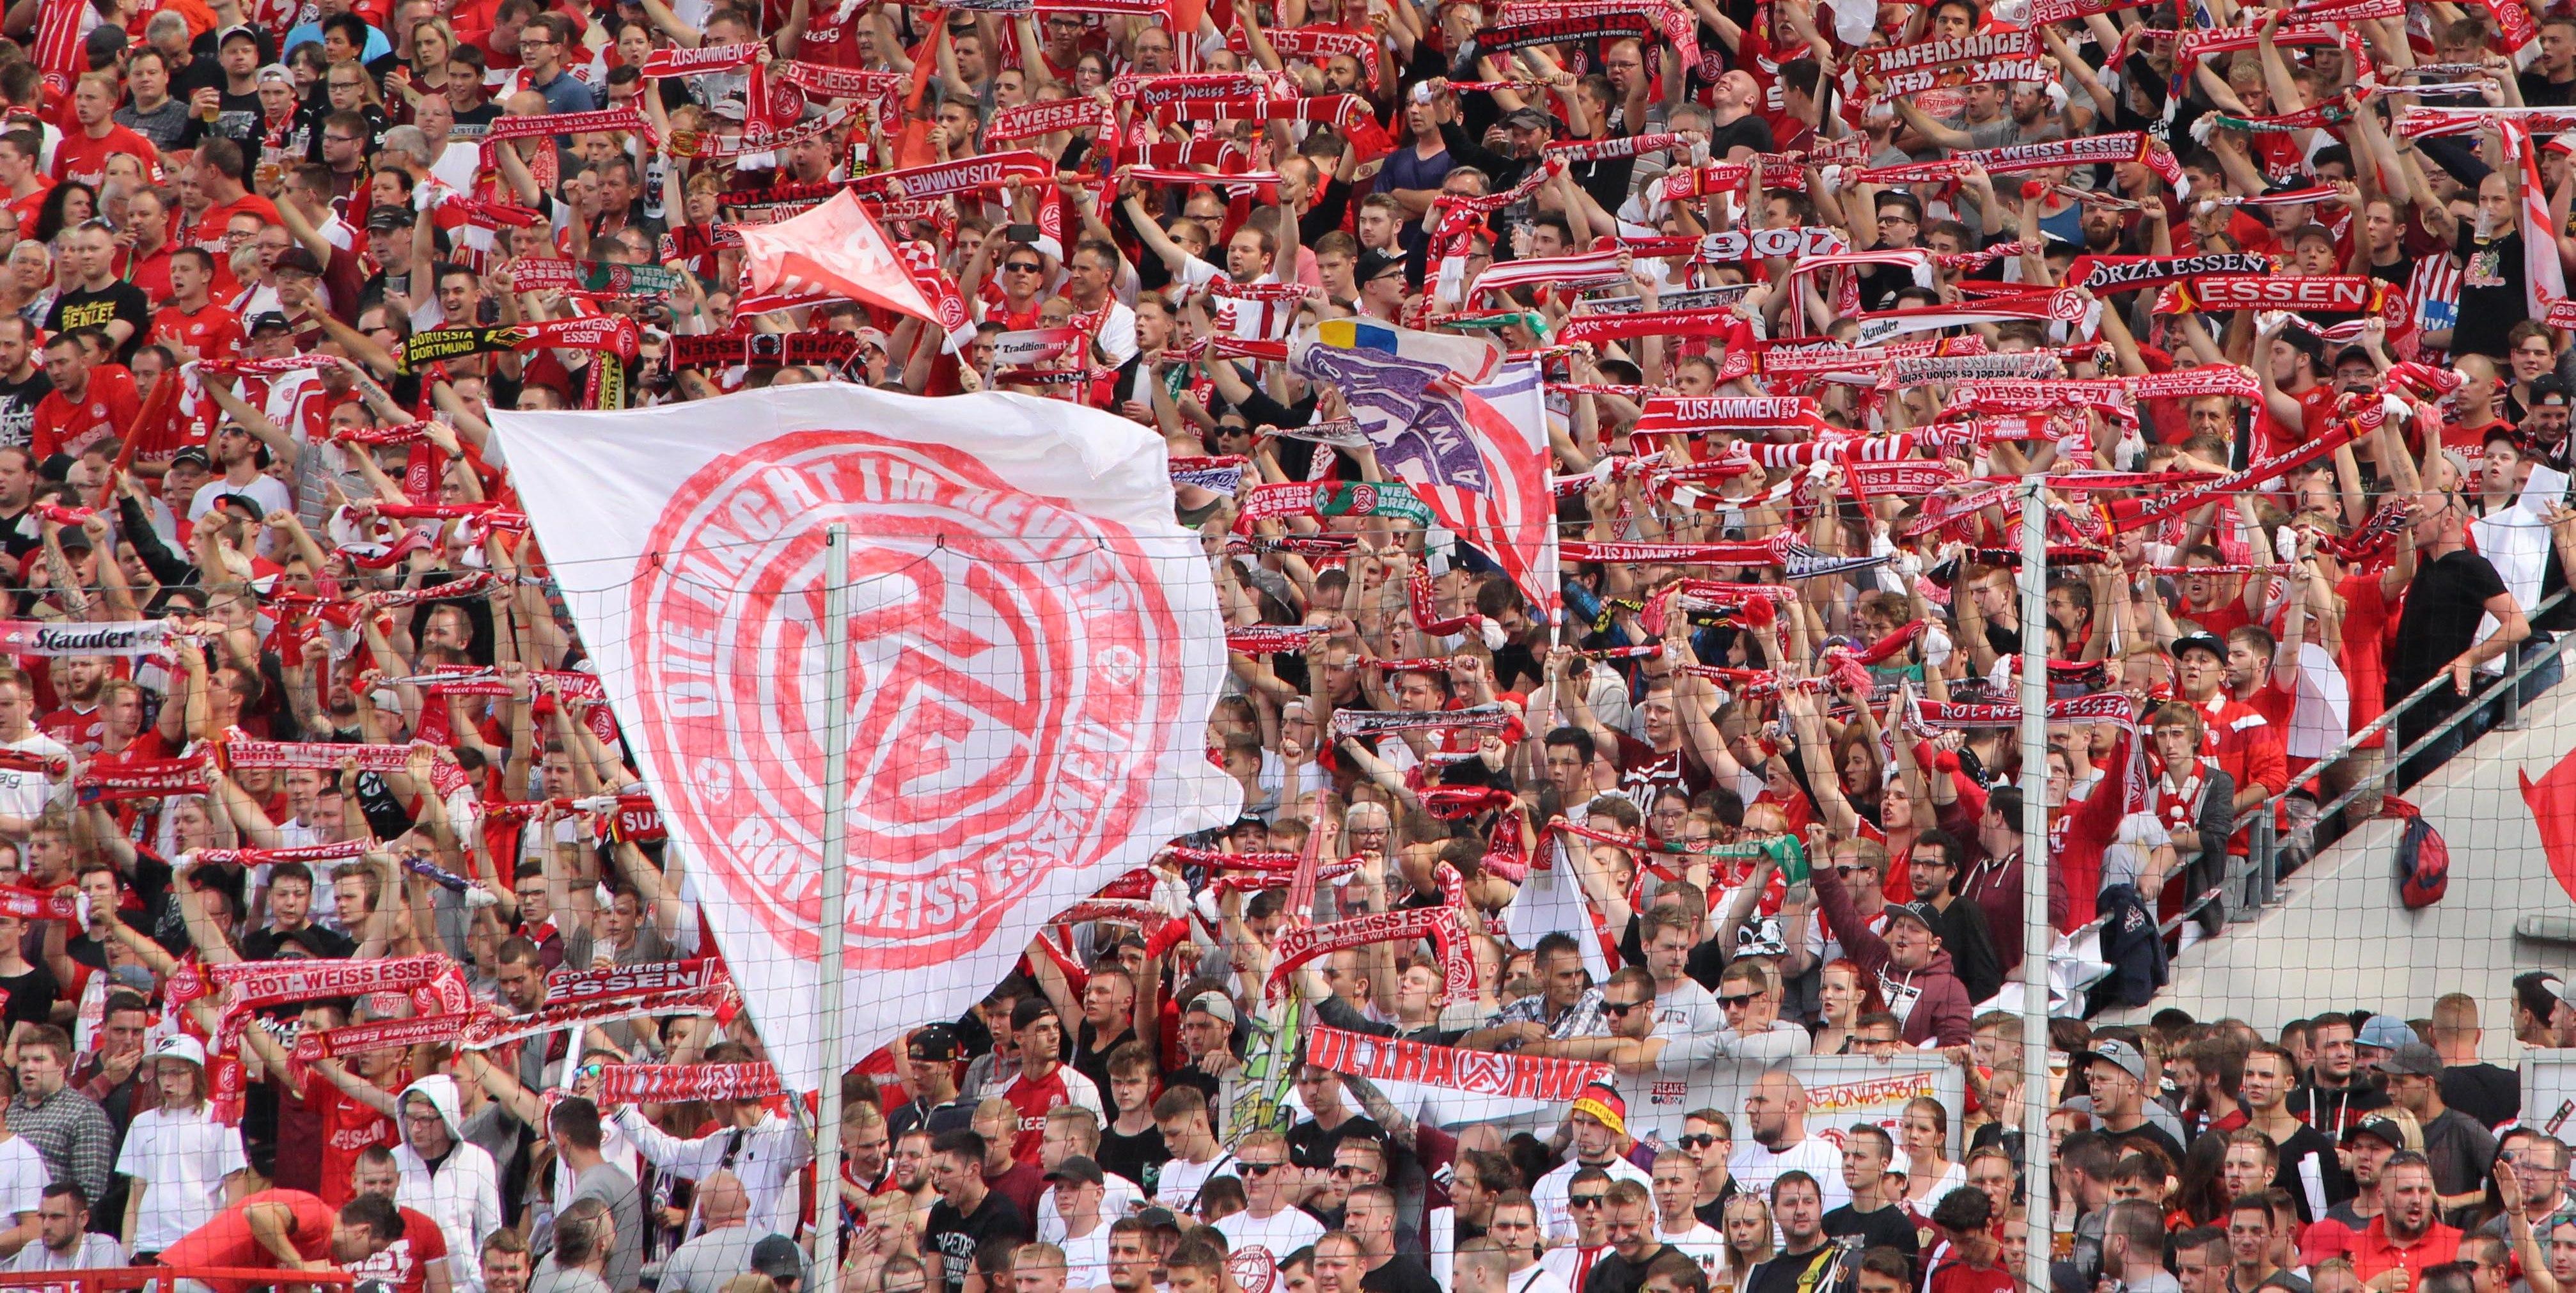 Am Sonntag trifft Rot-Weiss Essen auf die U23 von Fortuna Düseldorf.